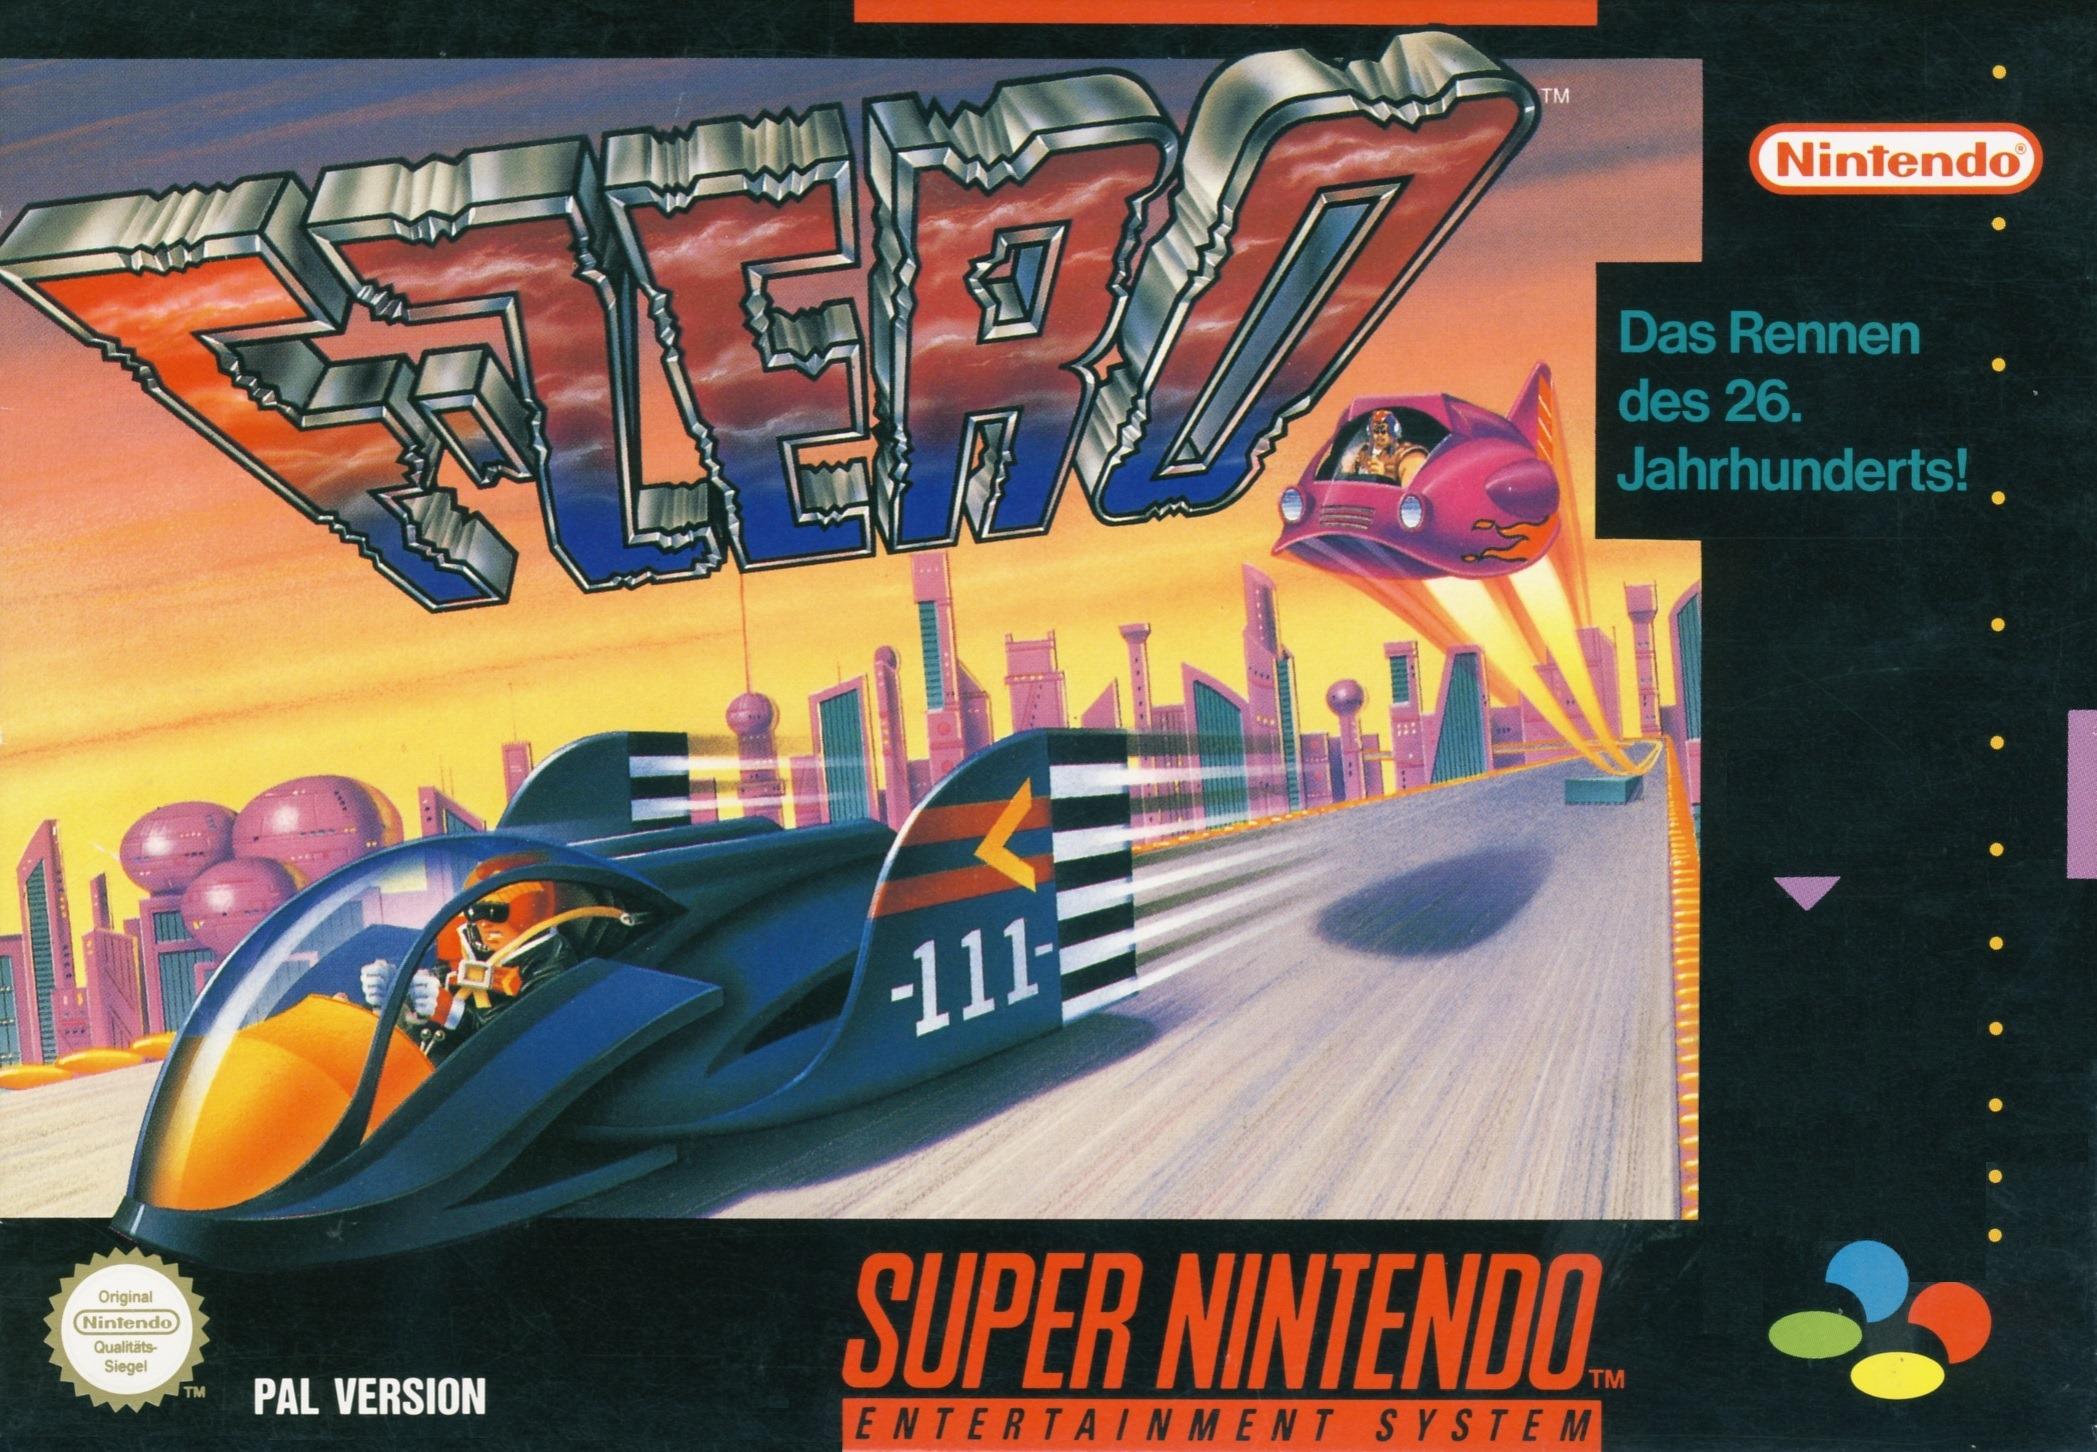 Das Cover der PAL-Version von F-Zero.